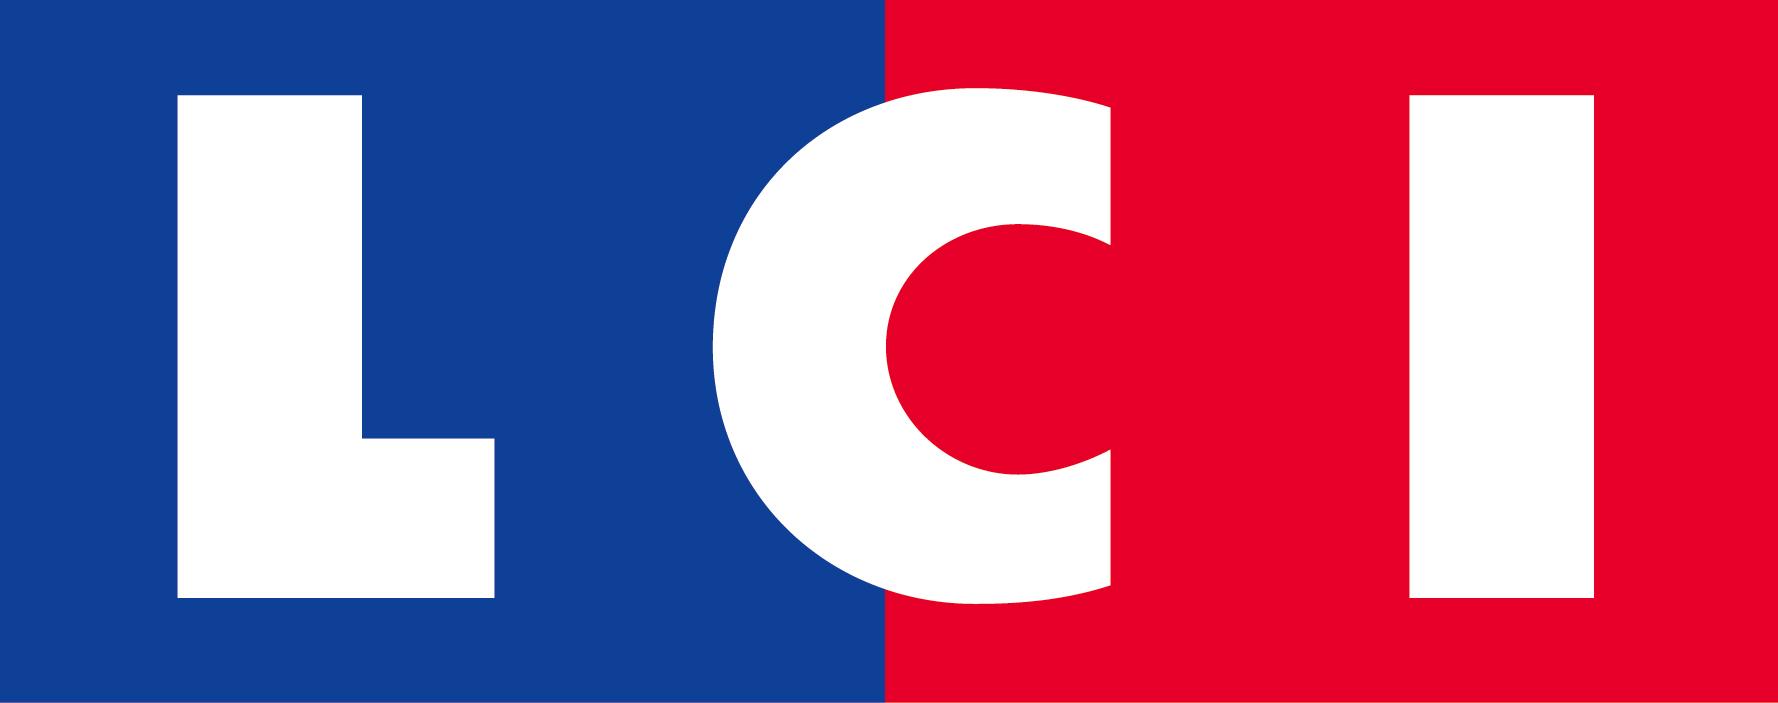 A vos écrans : Serge Federbusch ce soir sur LCI et demain sur C8 !